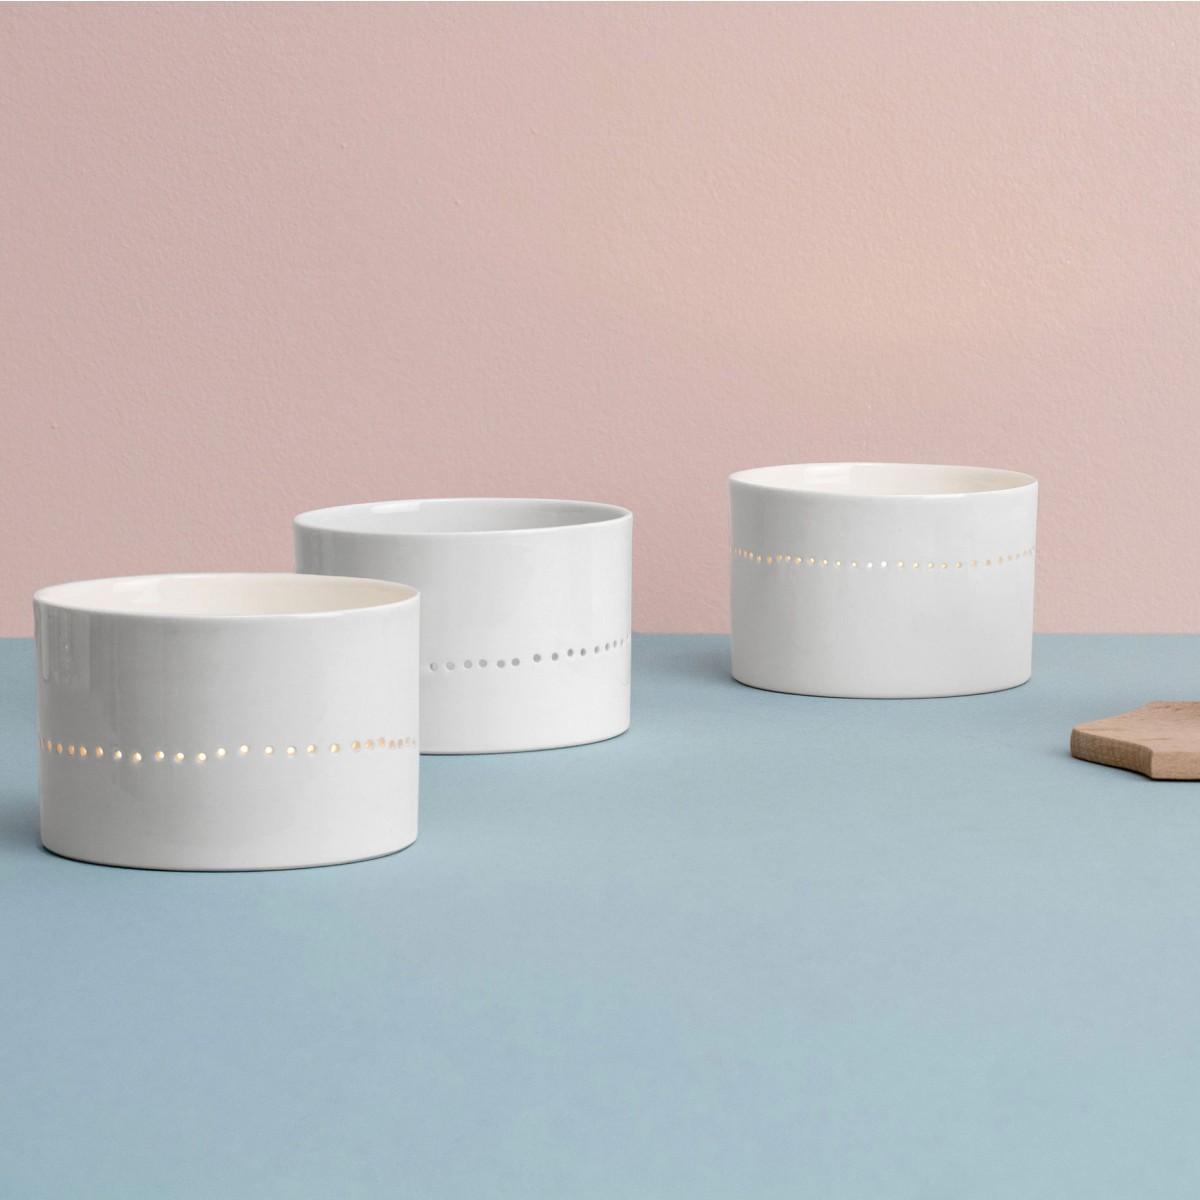 feinesweißes – Porzellan WINDLICHT mit perforierter Linie